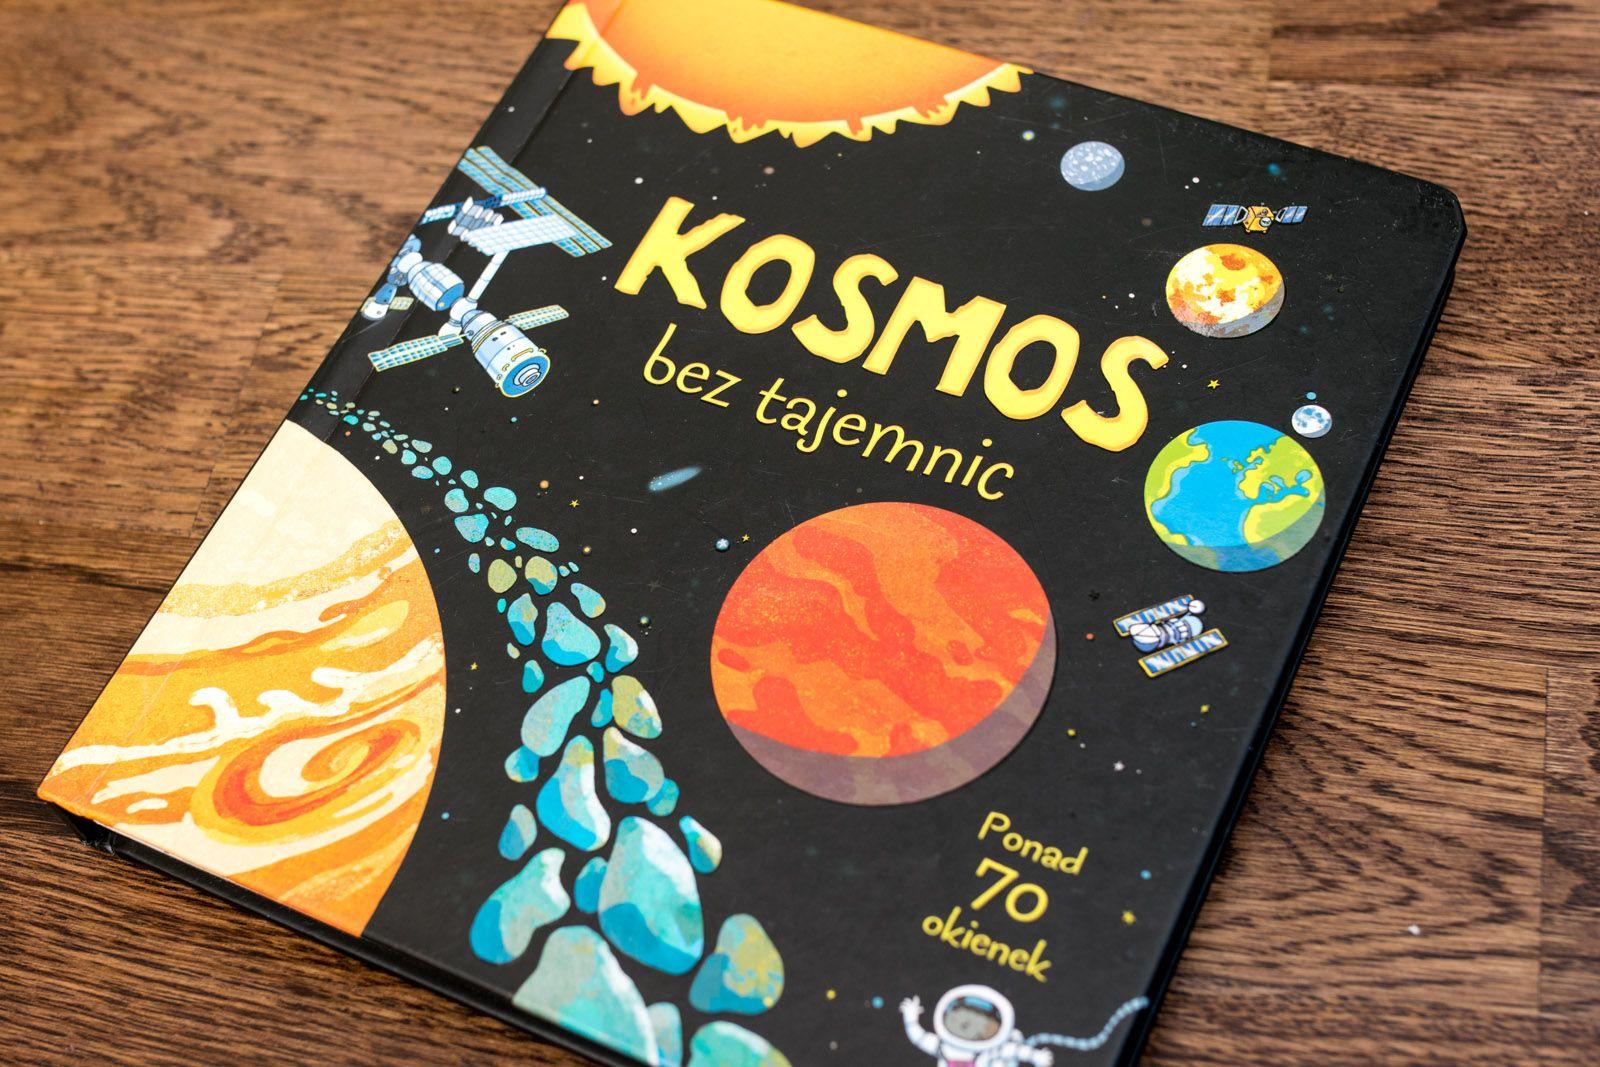 W kosmosie images clipart clip art royalty free Kosmos bez tajemnic   Książki dla maluchów in 2019   Books ... clip art royalty free